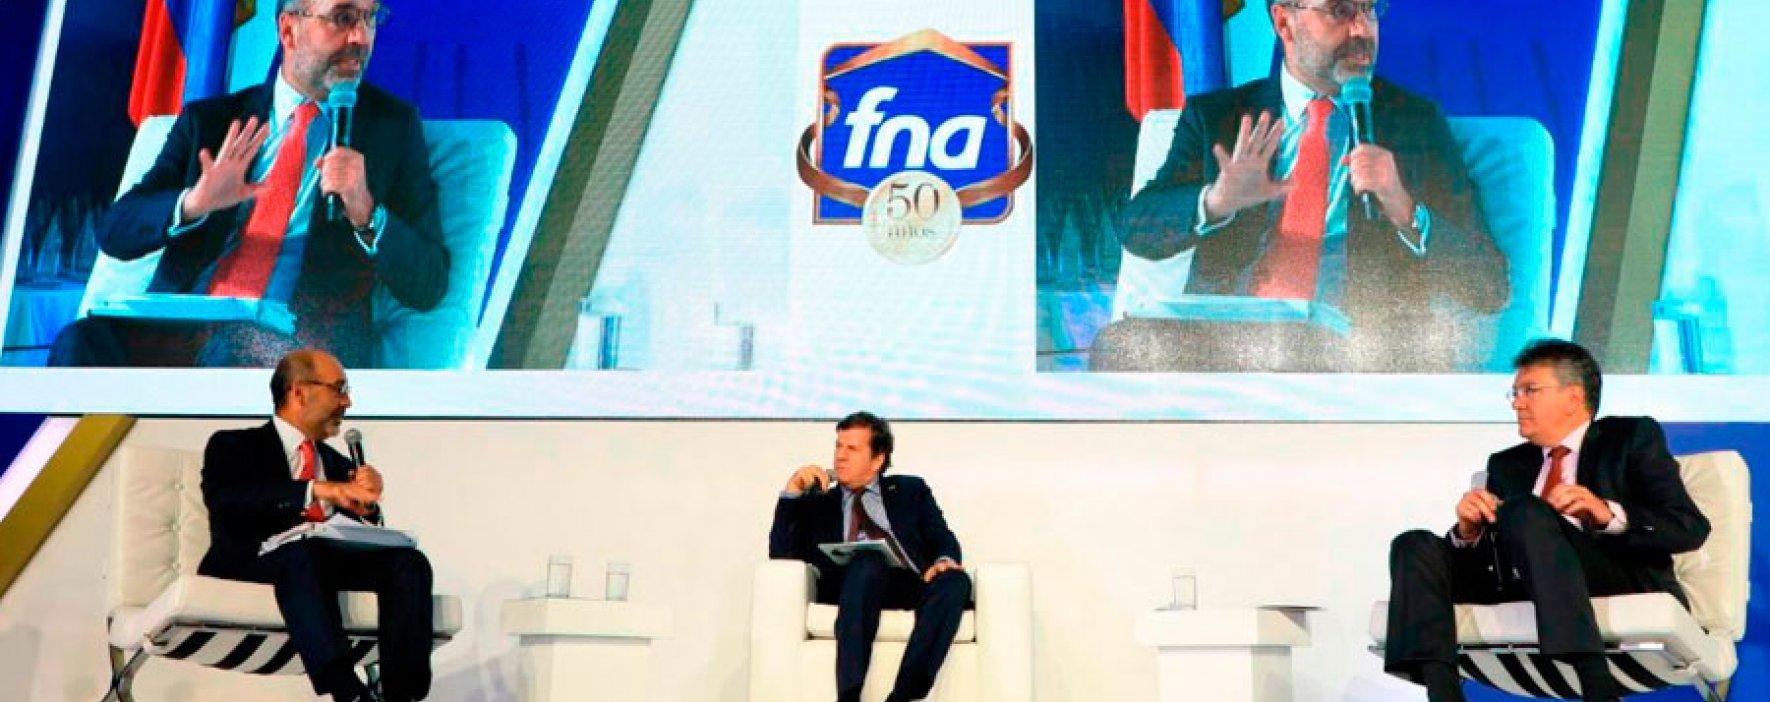 Colombia es hoy un referente en programas de vivienda para Latinoamérica